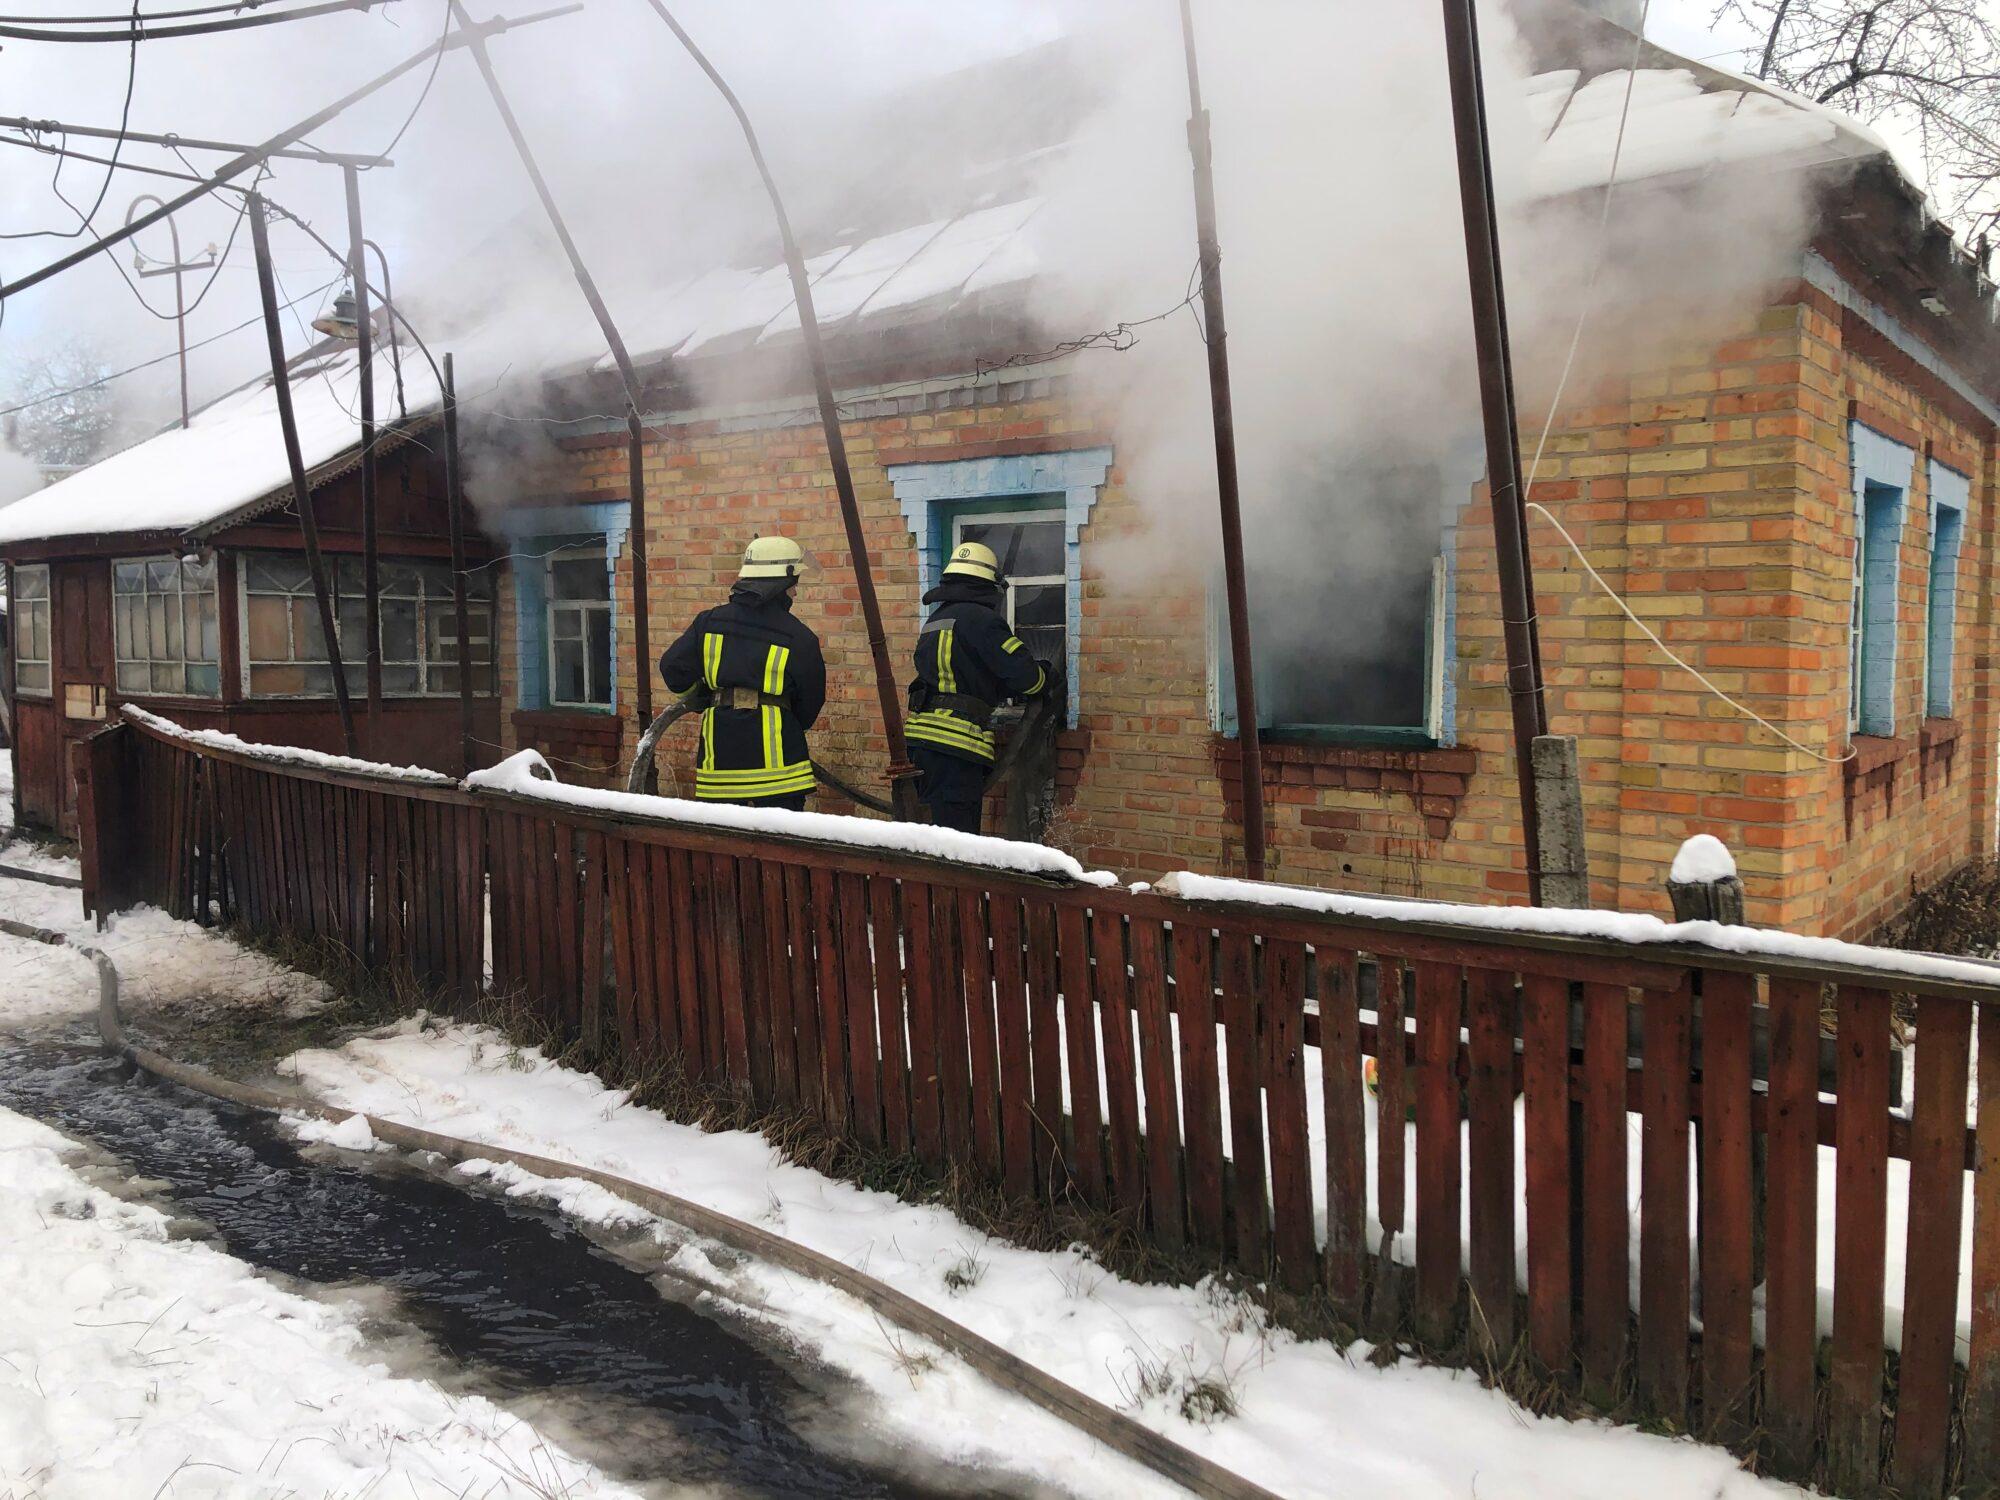 На Київщині під час пожежі у власному будинку загинув господар - смерть, Здвижівка, згоріла будівля, згорів будинок - 03 2000x1500